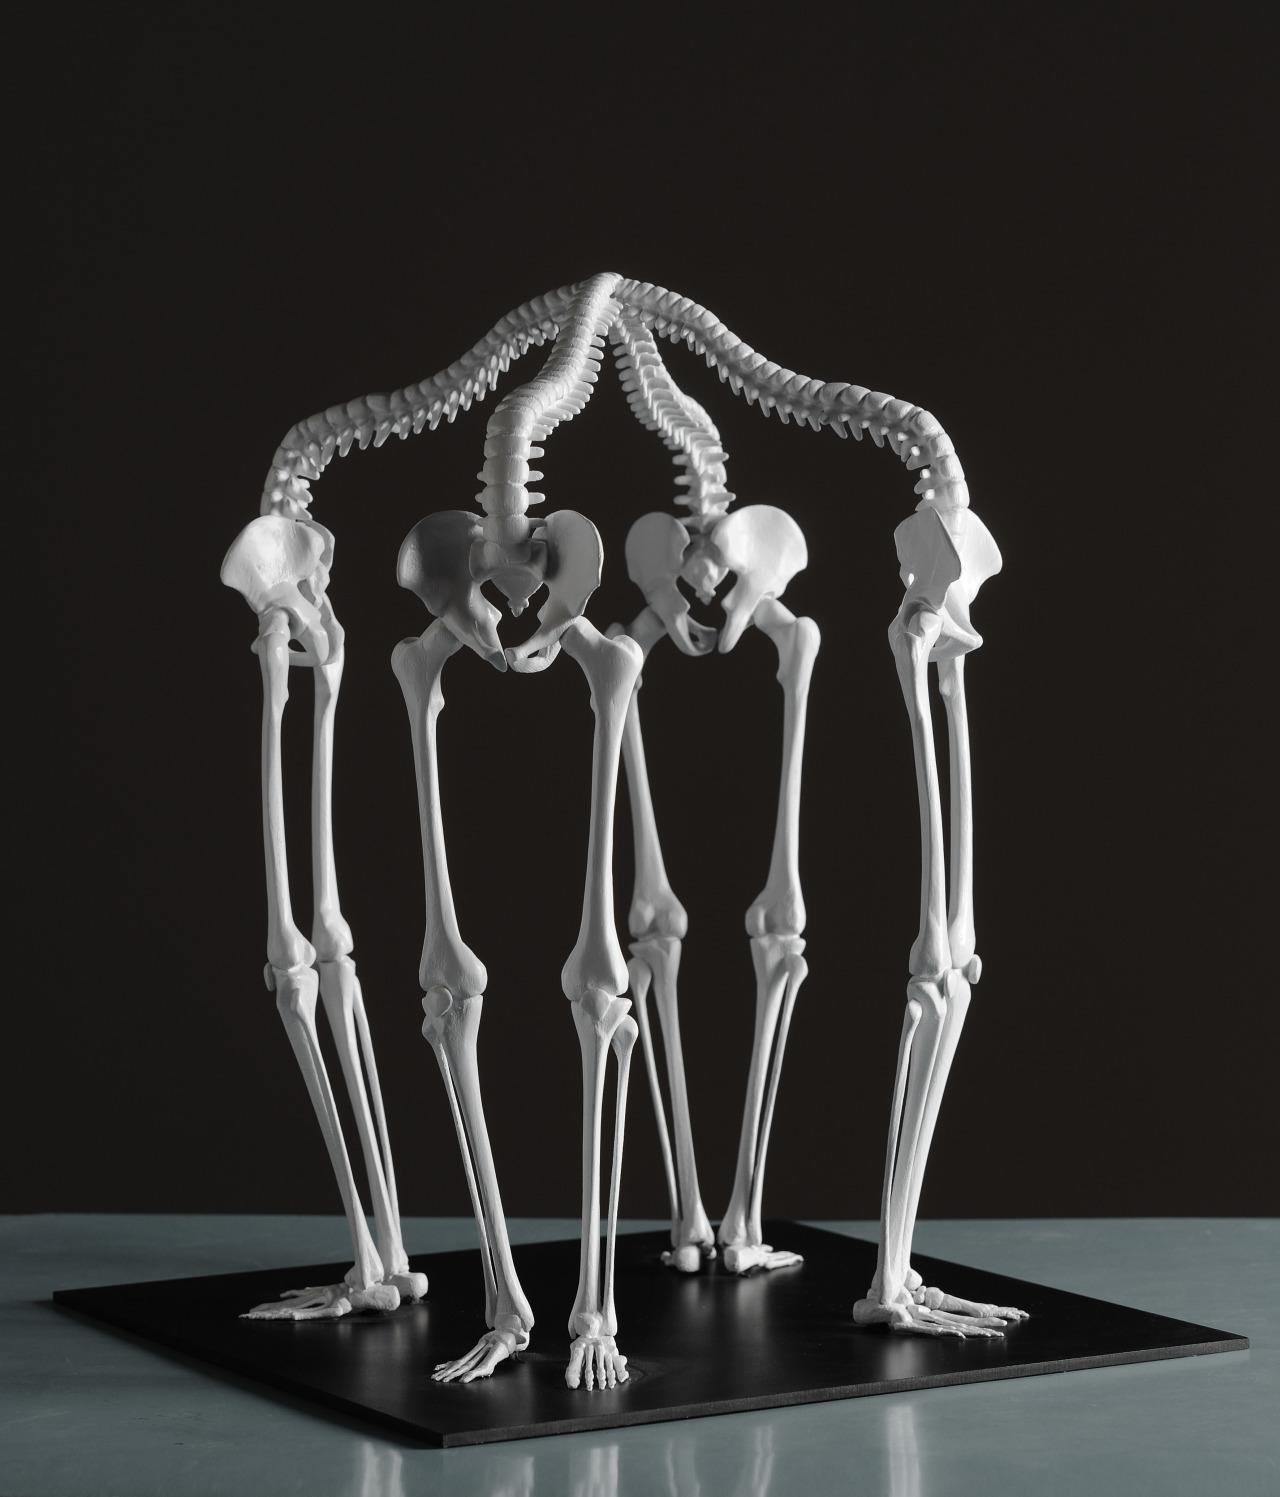 Skeletal sculptures by Monika Horčicová<br /><br /> My Amp Goes To 11:Twitter|Instagram